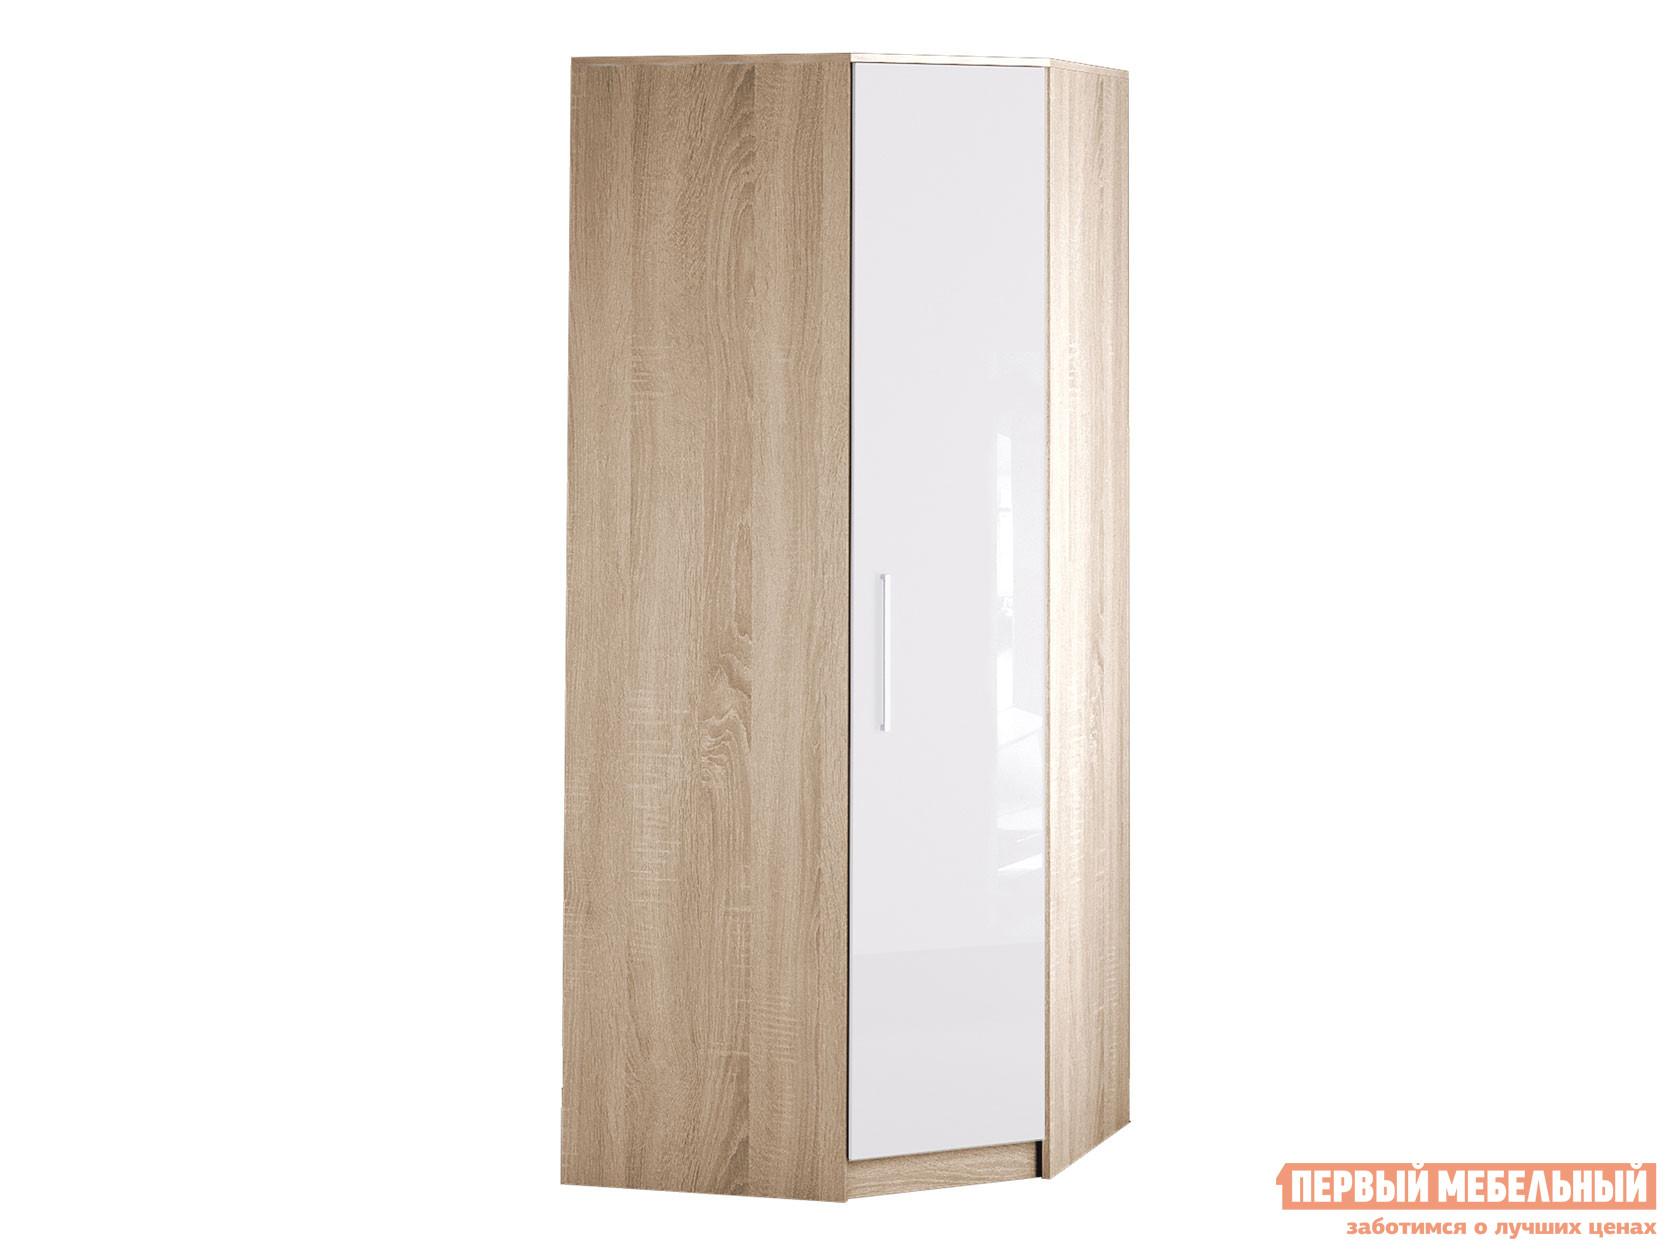 Шкаф угловой НК-Мебель Бланка шкаф угловой 72250078